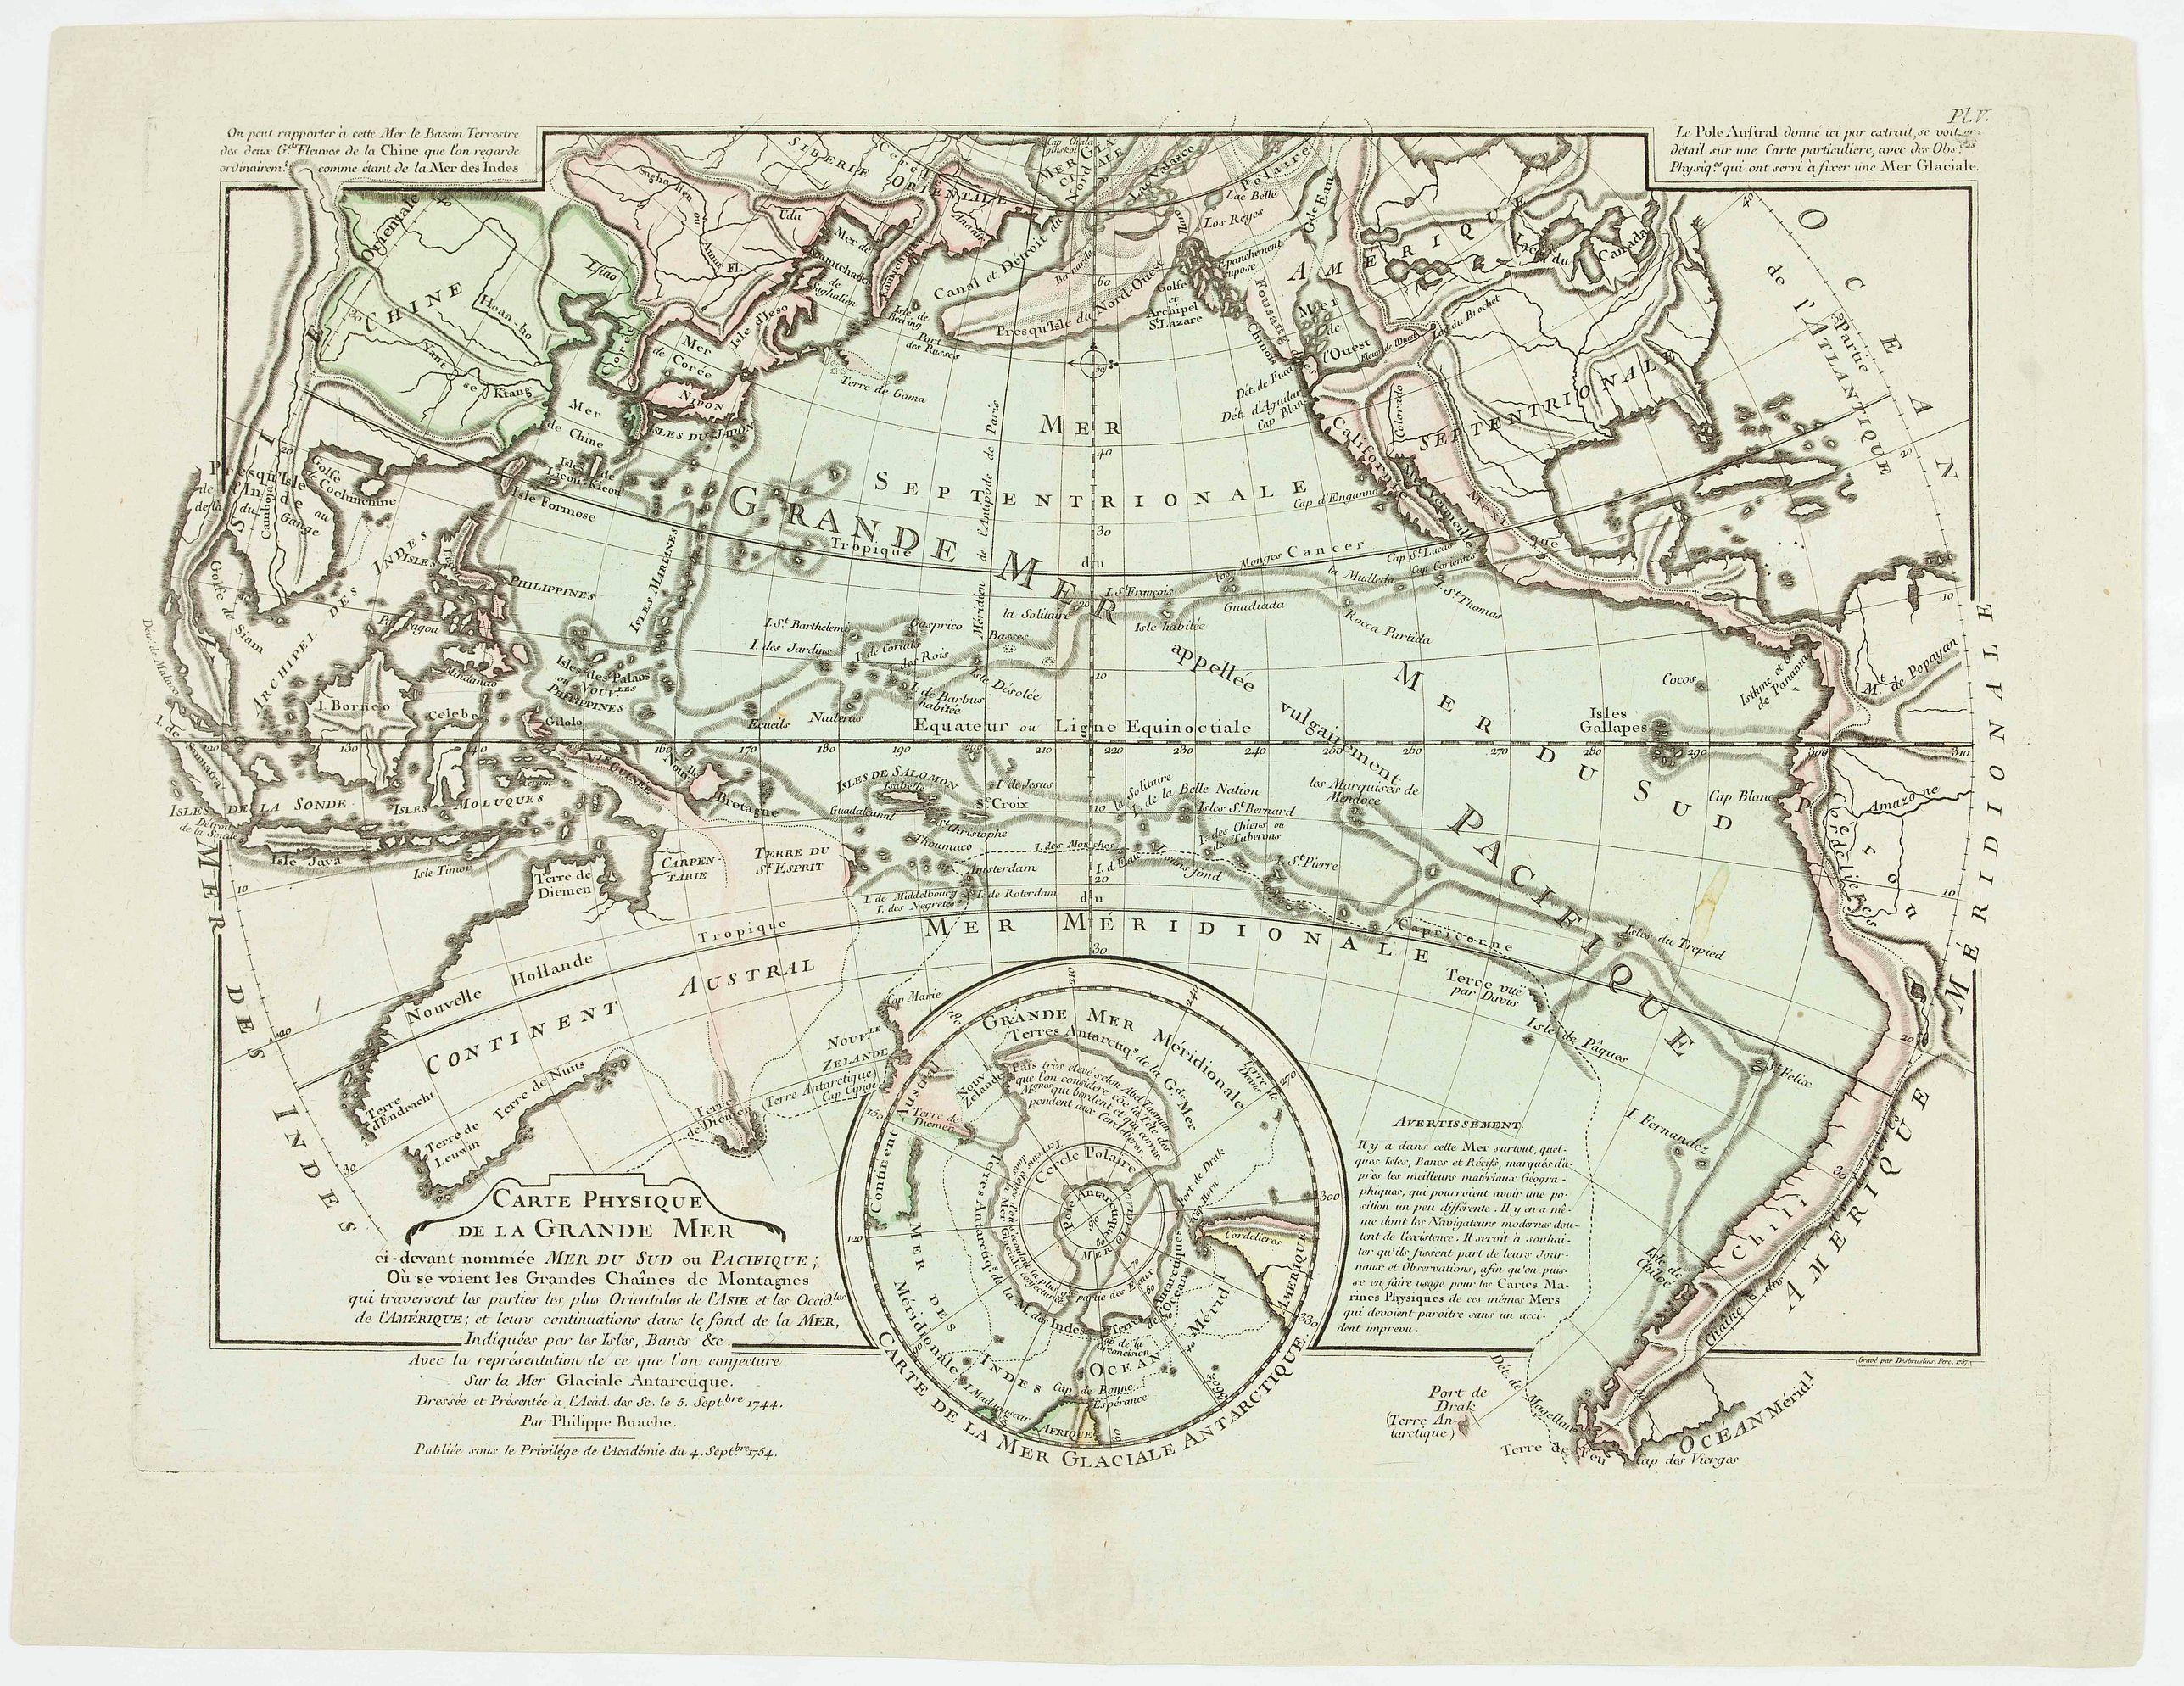 BUACHE, P. - Carte physique de la Grande Mer ci-devant nommée Mer du Sud du Pacifique, qui traverse les parties le splus orientales de l'Asie . . .